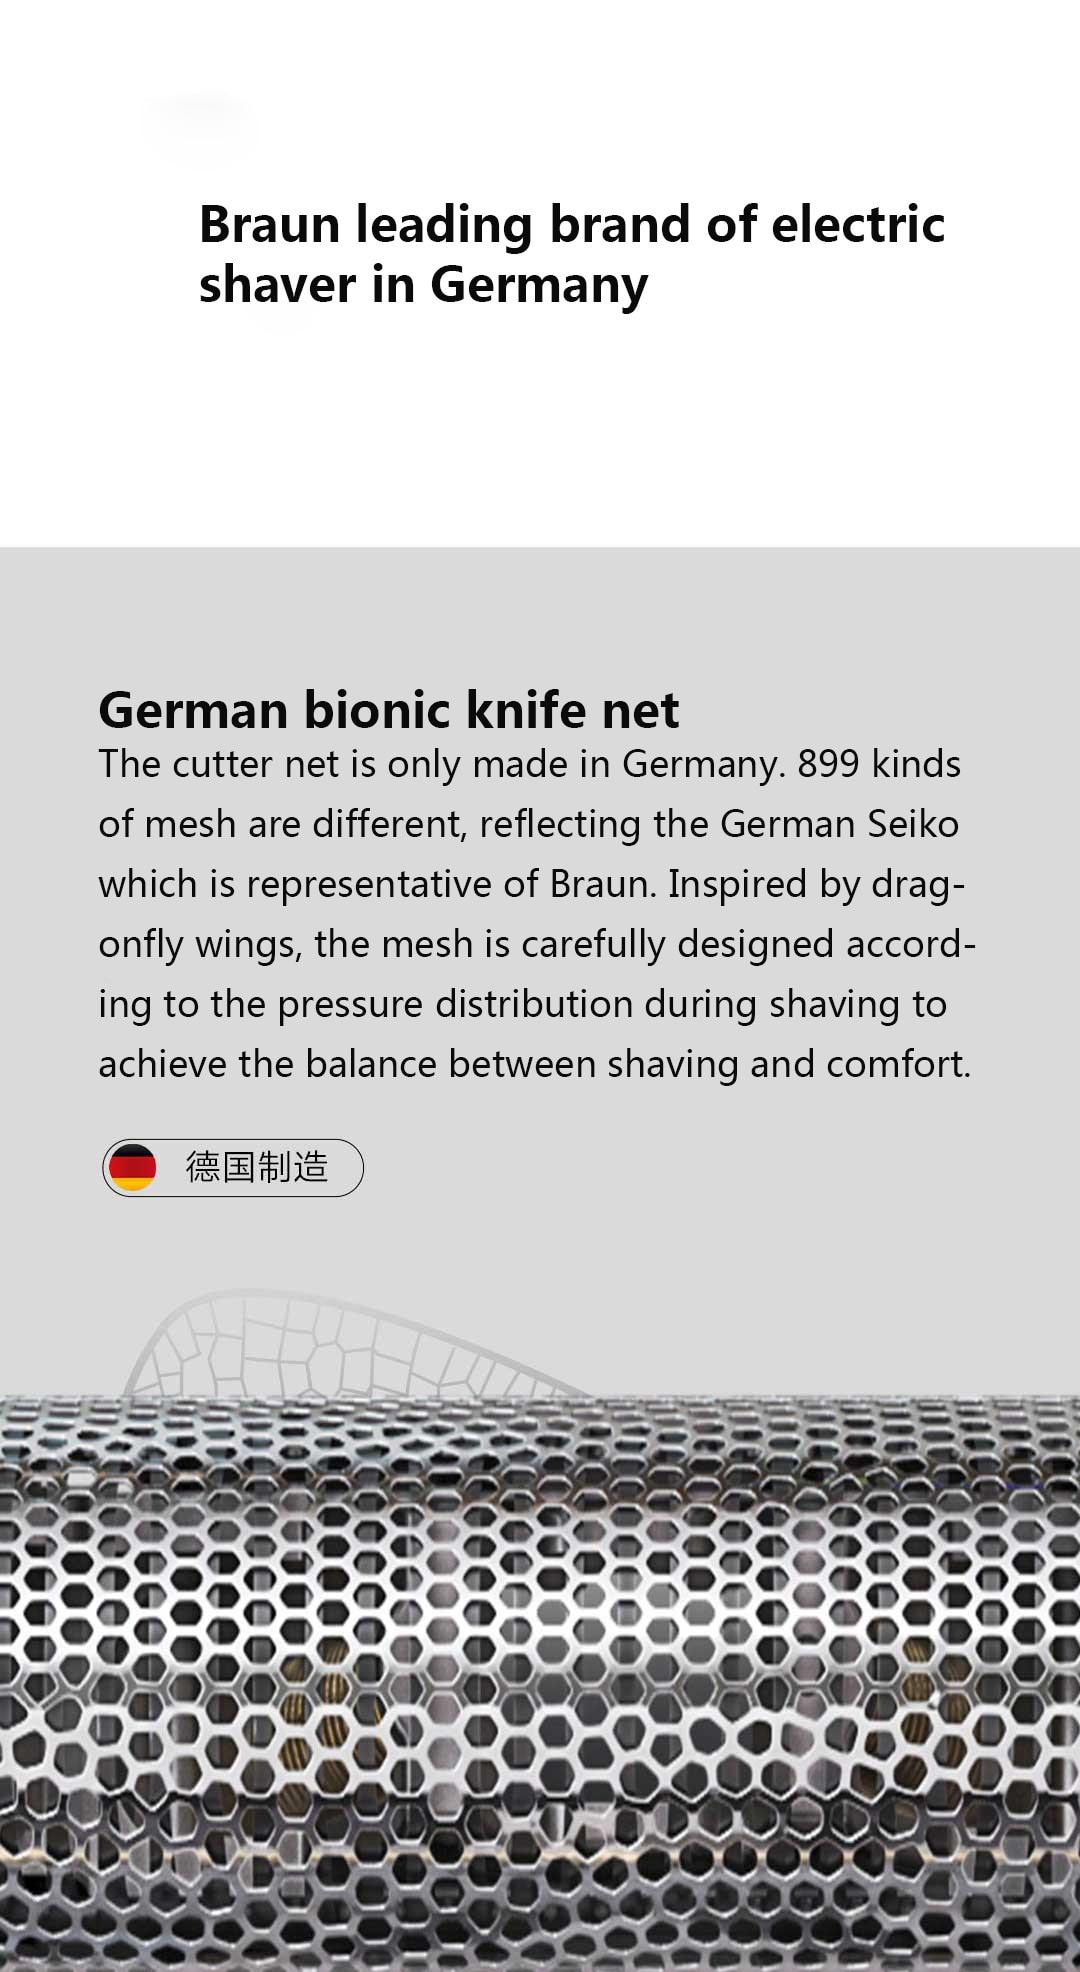 dwaterproof água 7200 rpm grande potência saída alemão faca biônica